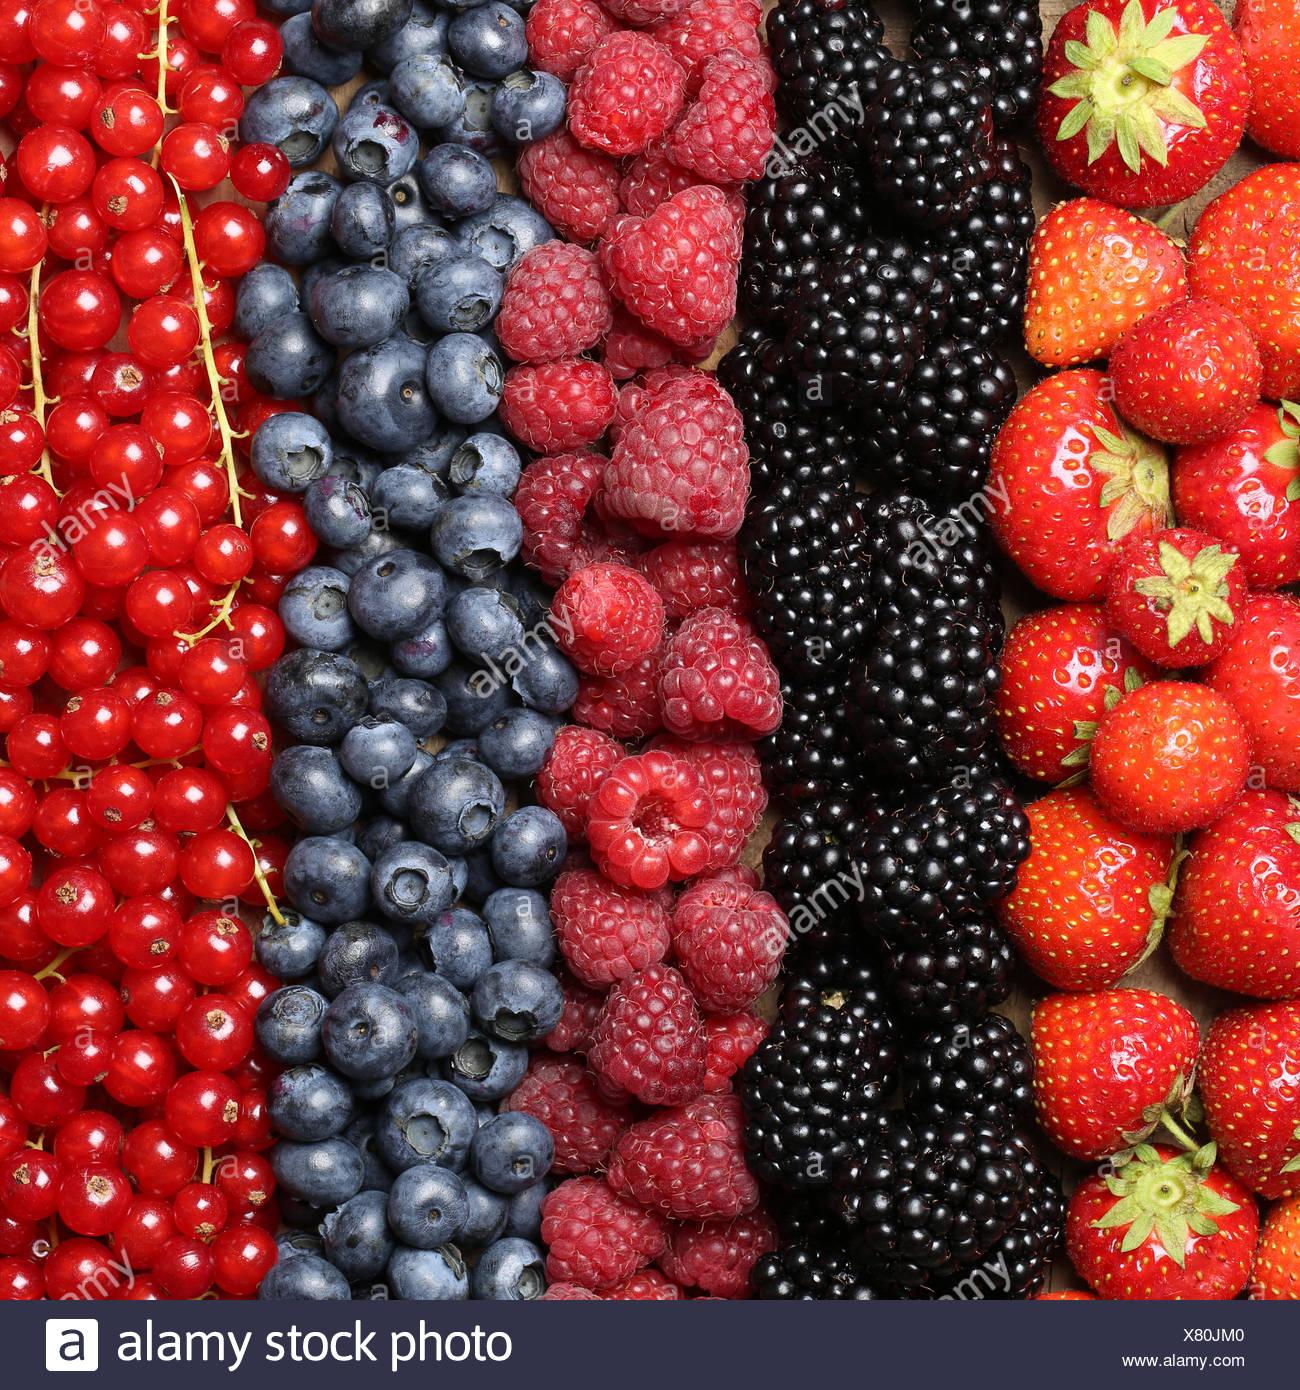 Frische Beeren Früchte wie Erdbeeren, Heidelbeeren, Himbeeren, Johannisbeeren und Brombeeren bilden einen Hintergrund Stock Photo